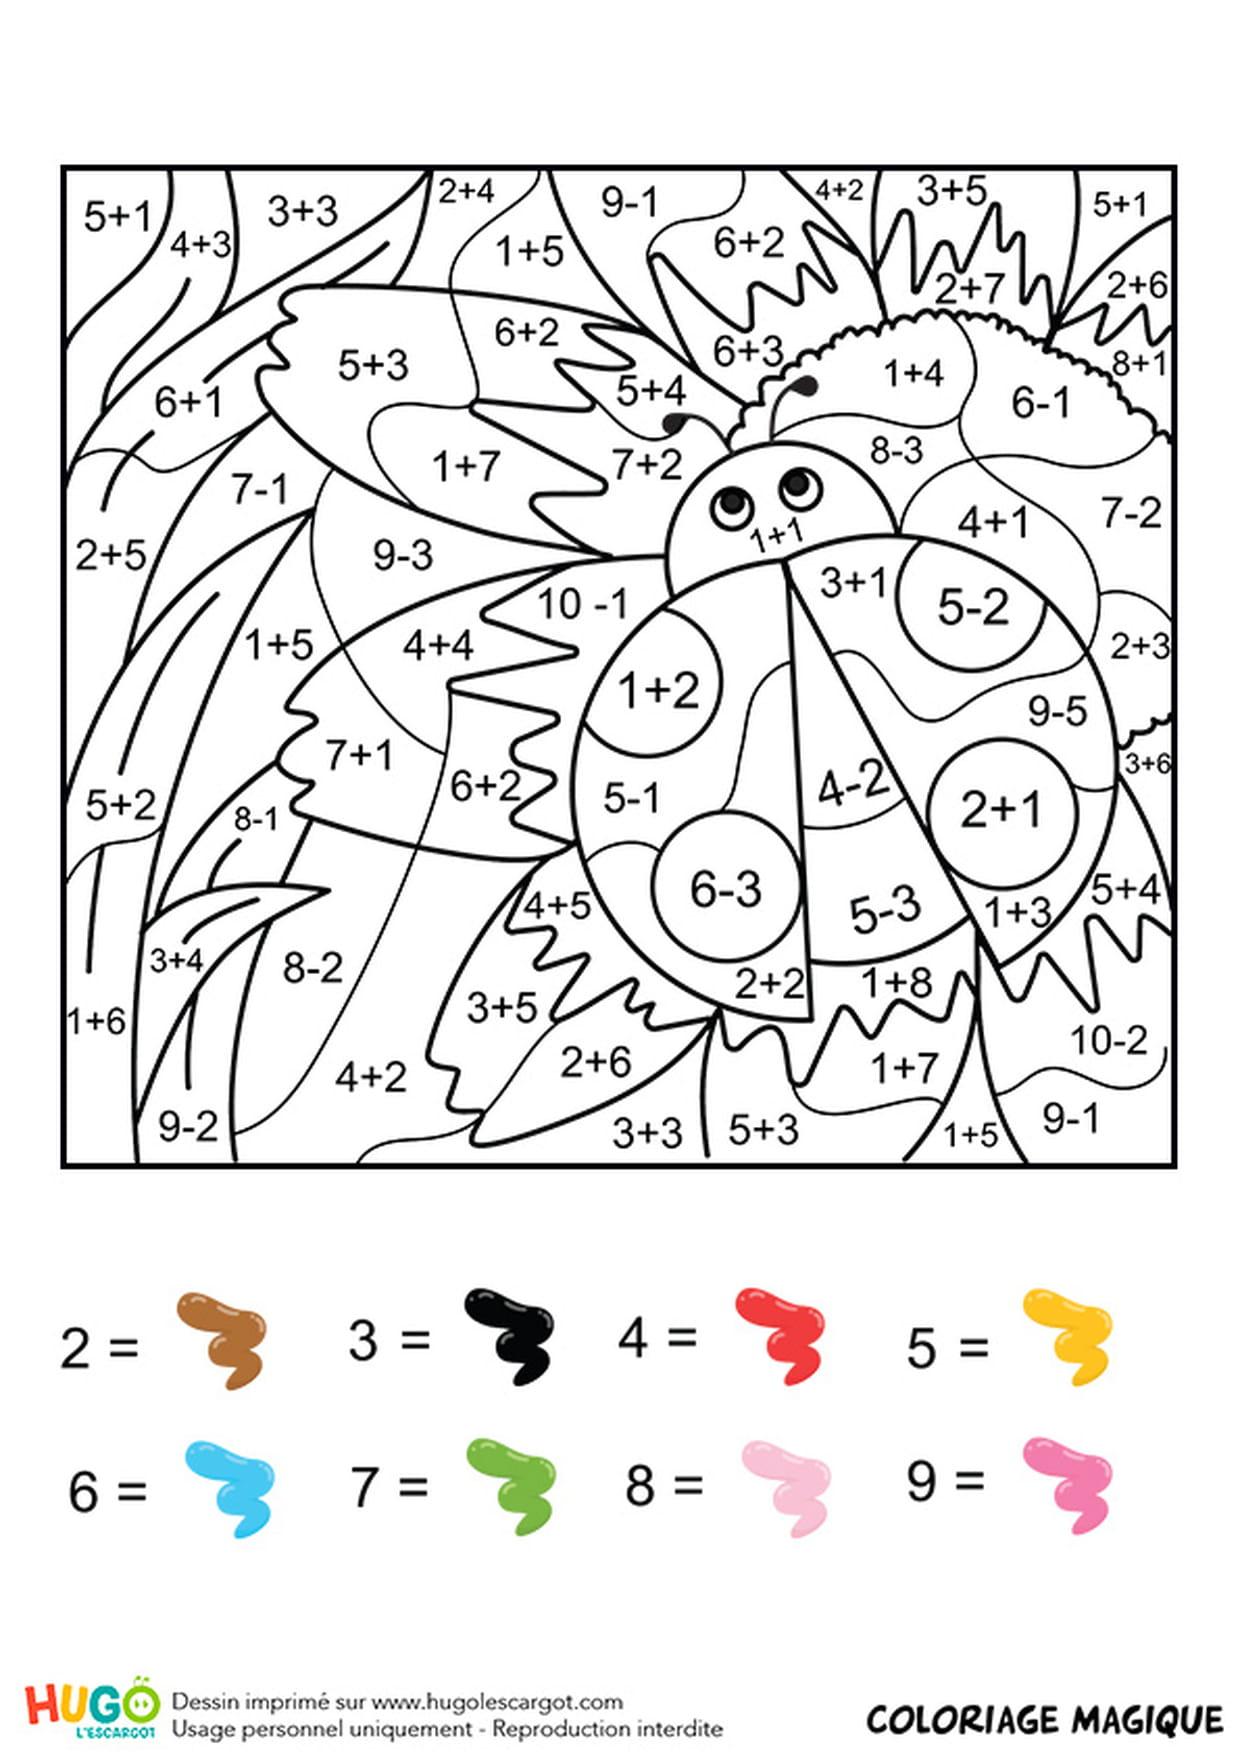 Coloriage Magique Ce1 : Une Coccinelle pour Coloriage Codé Ce1